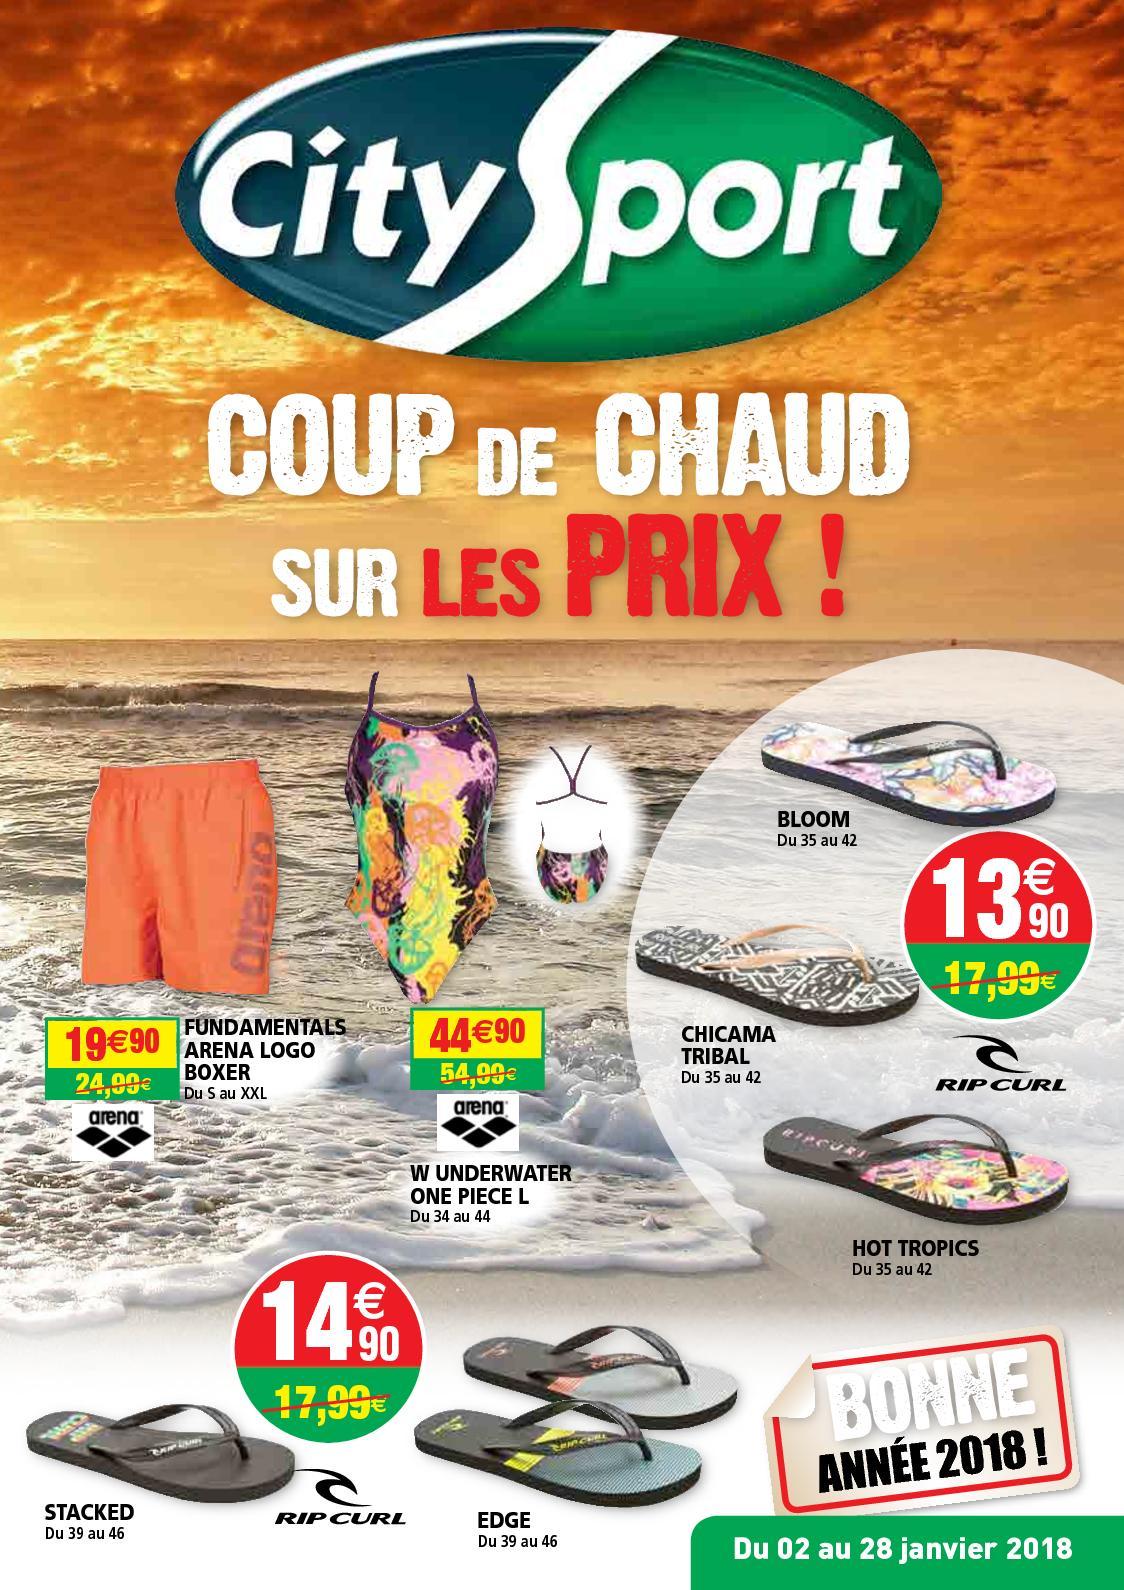 City Sport Réunion Janvier 2018 De Catalogue Calaméo 80OXnwPk